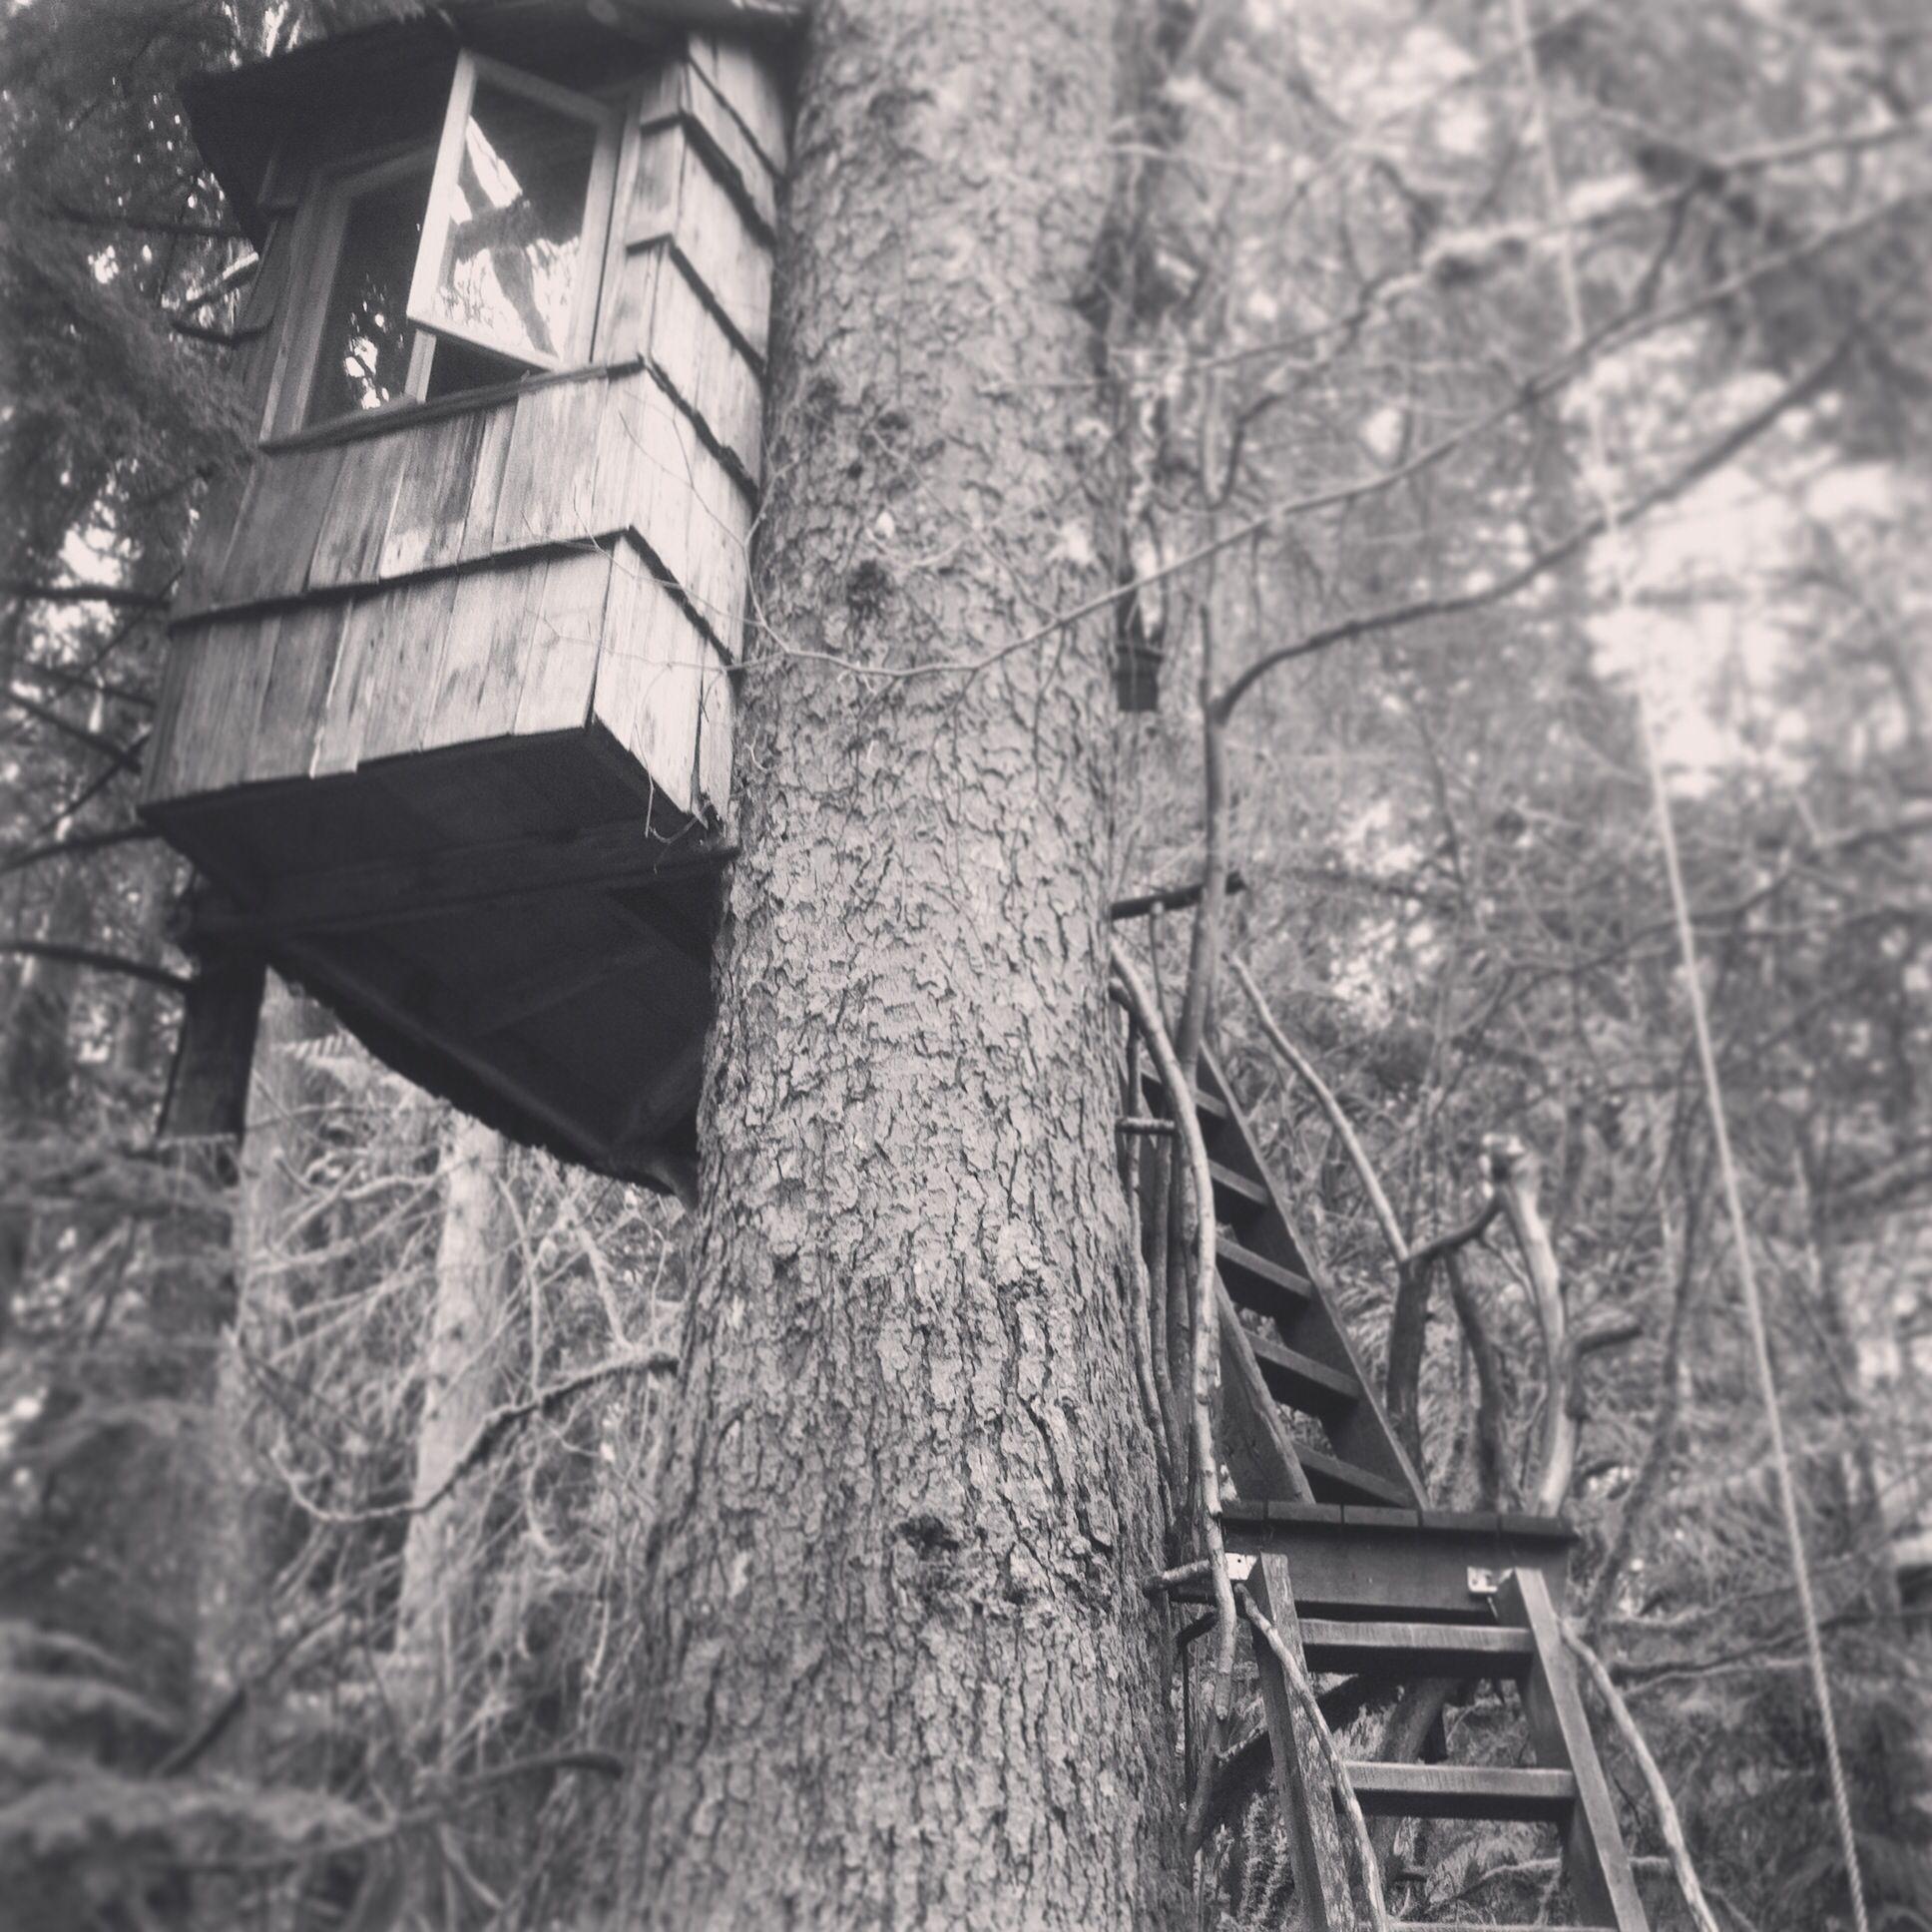 Treehouse Fall City Wa Part - 46: Treehouse At Treehouse Point, Fall City Washington